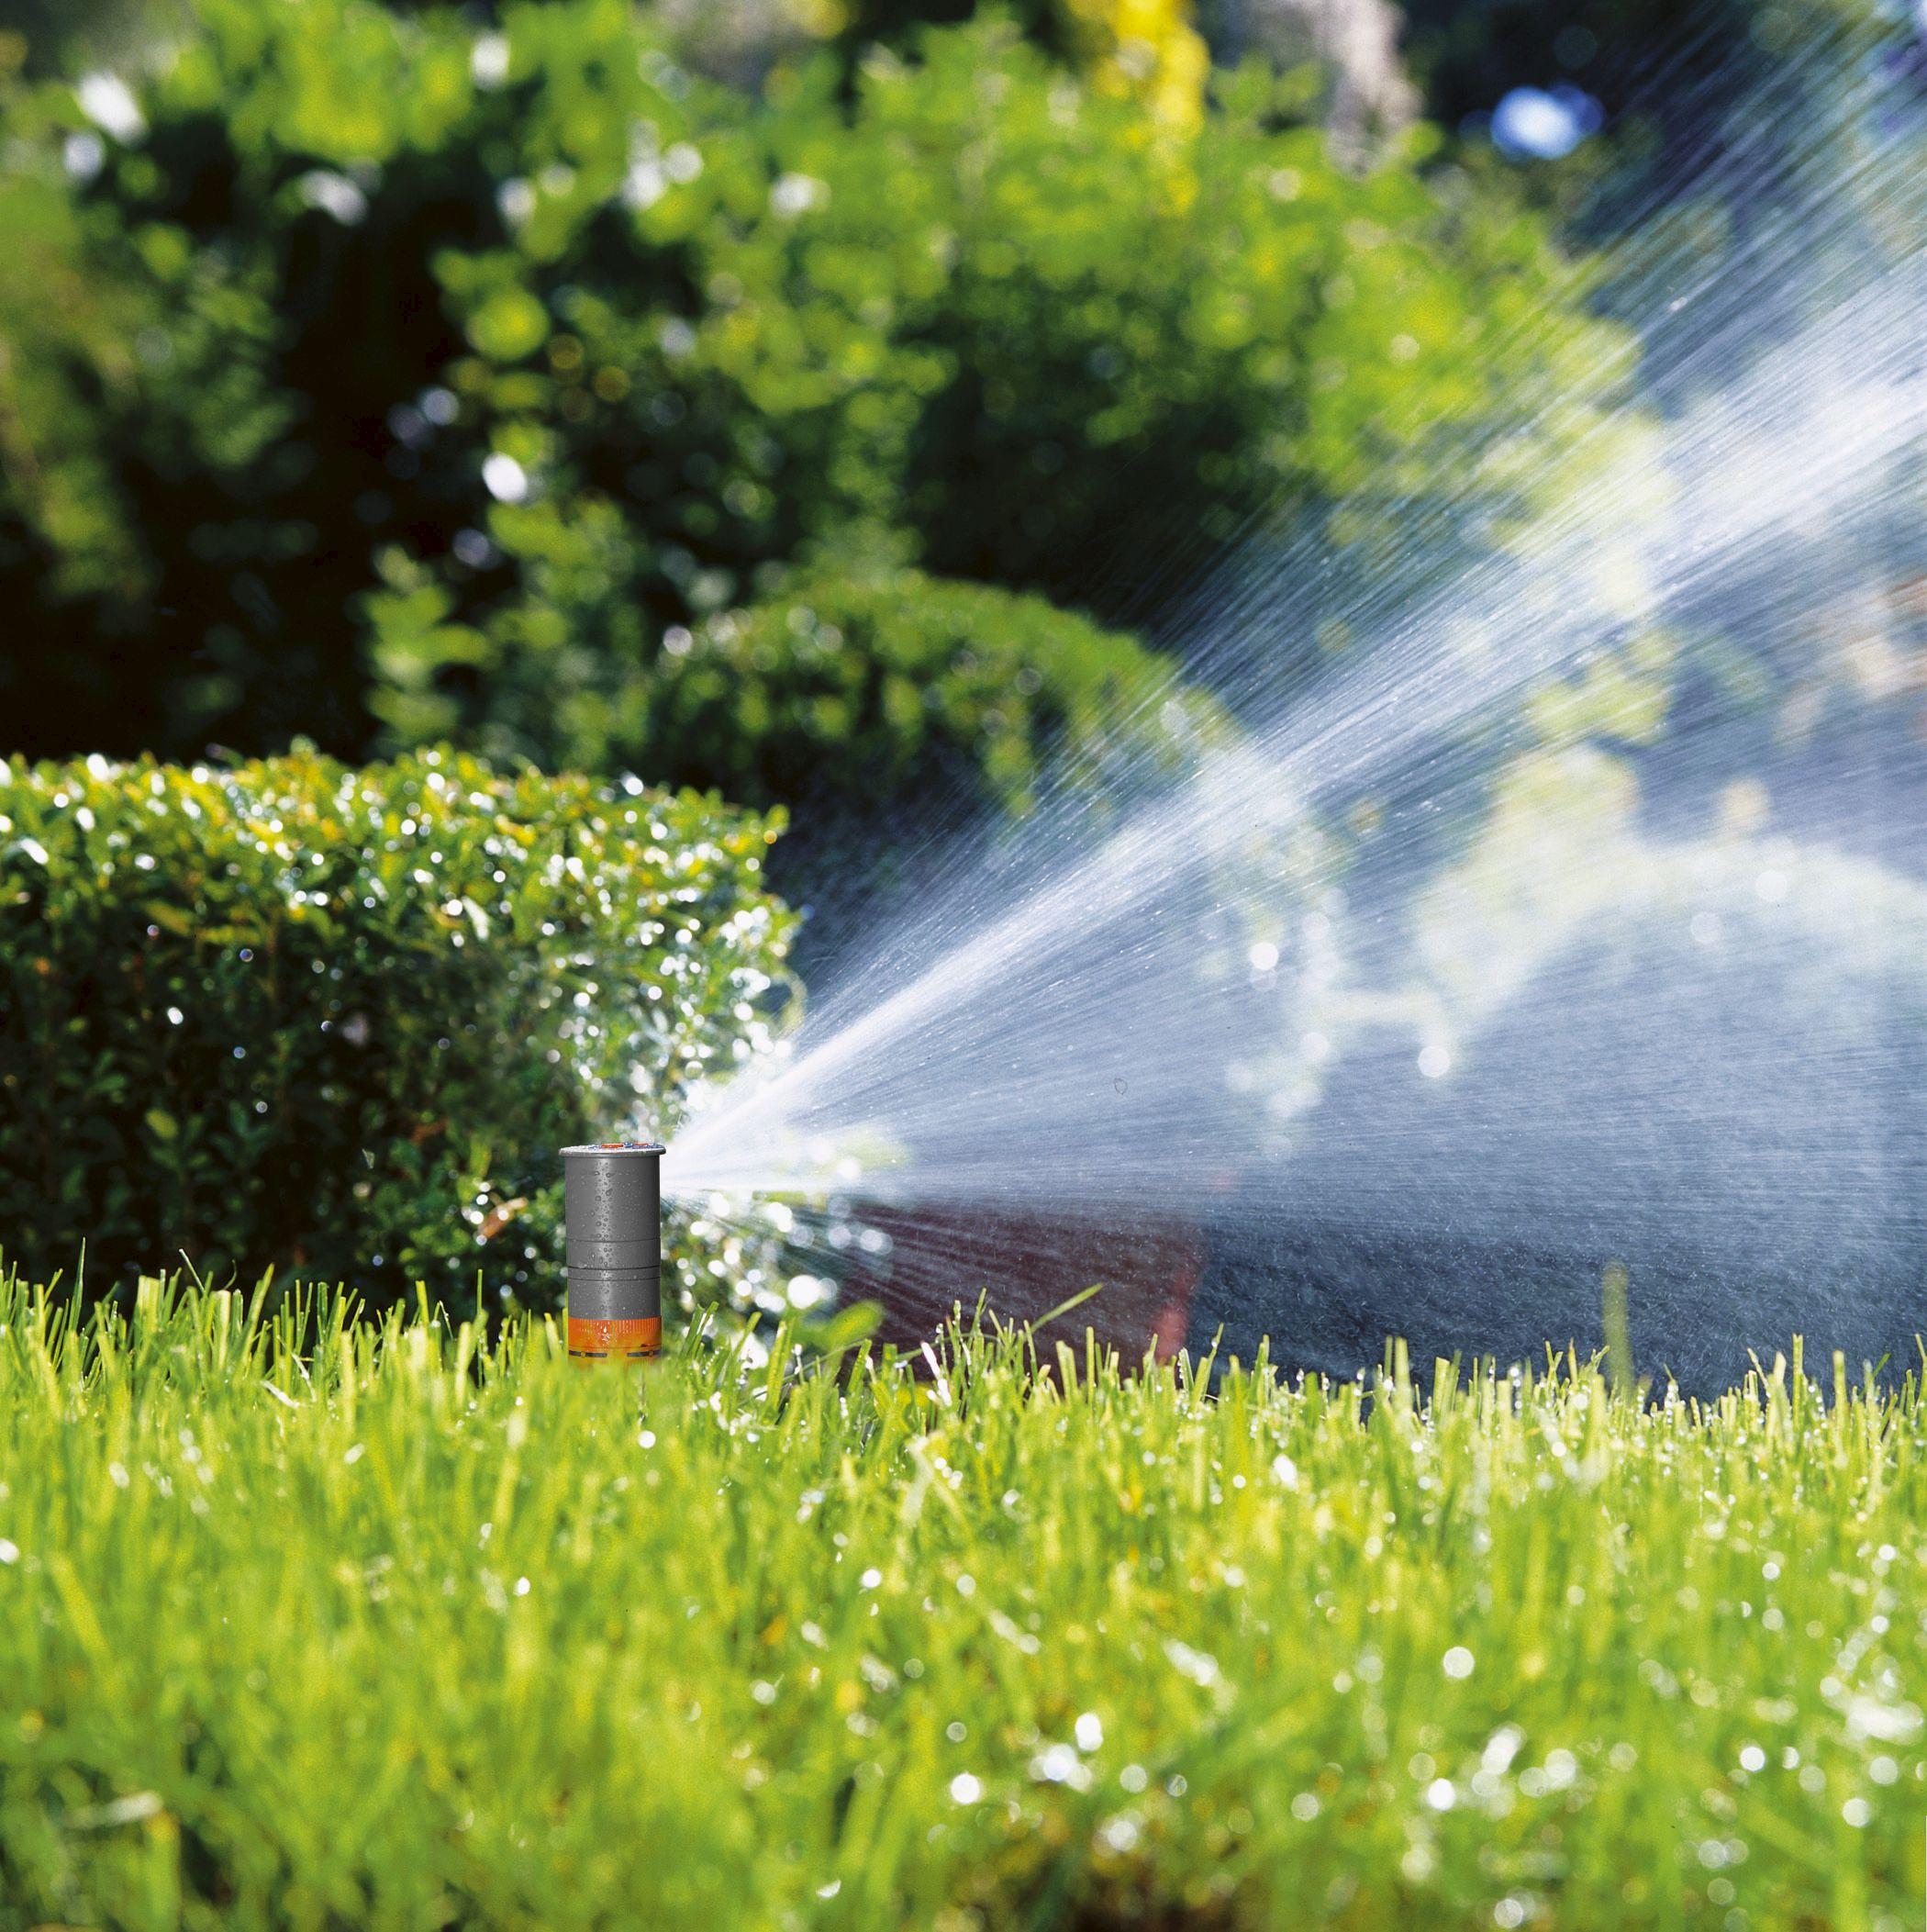 Полив сада - 8 способов экономно поливать сад